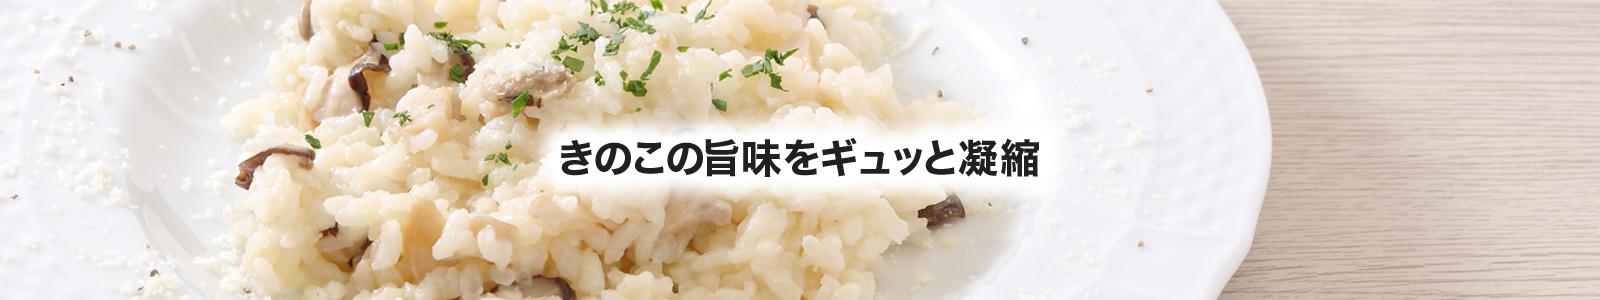 【湯煎調理レシピ】きのこリゾット